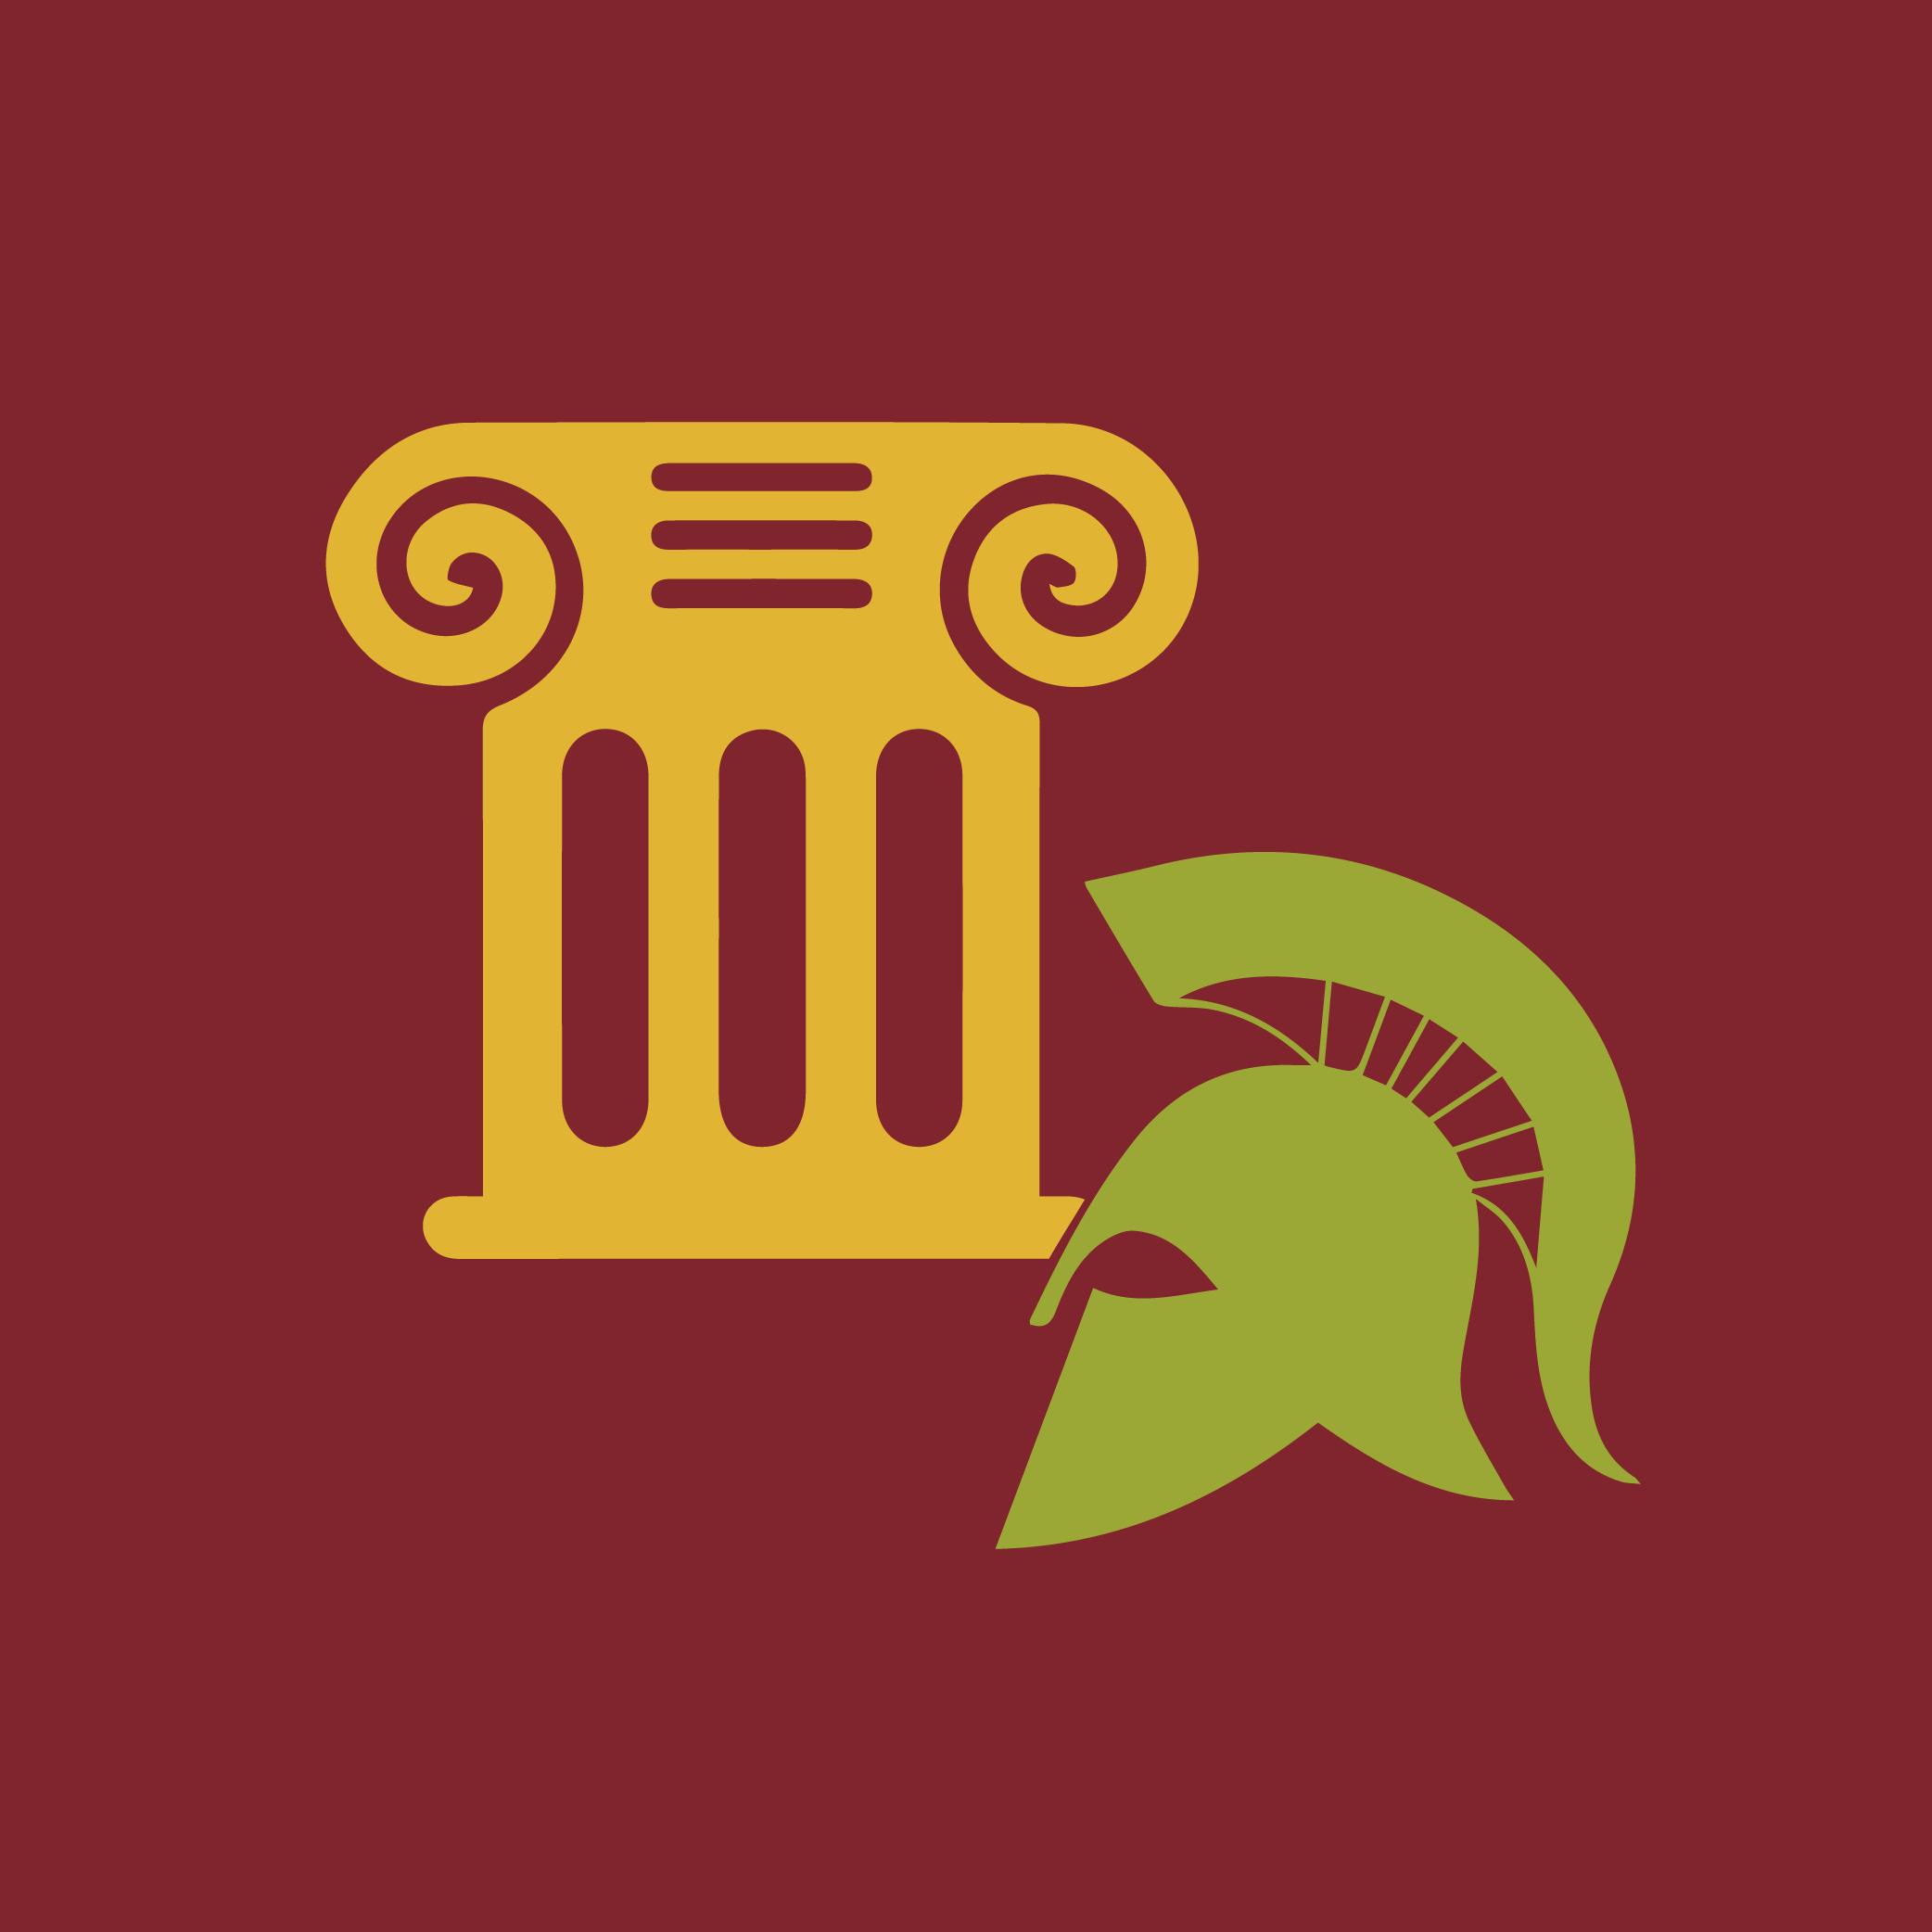 grecs i romans (2)